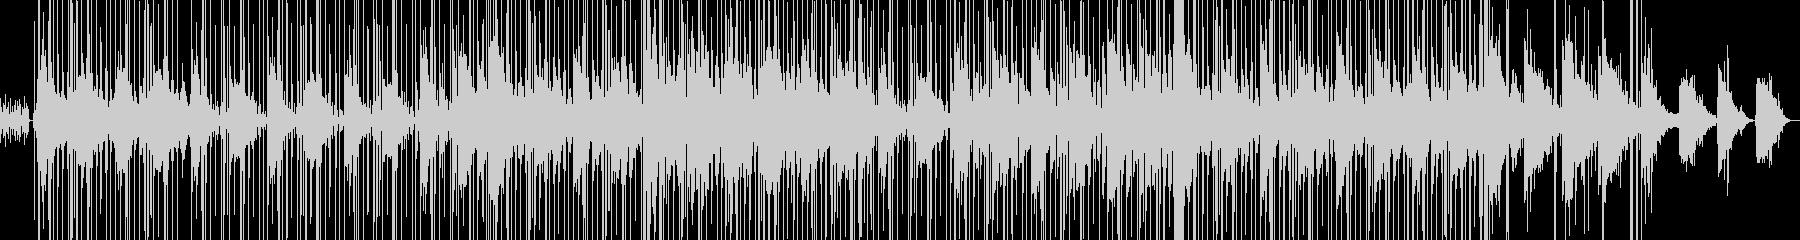 JIINO/色気のあるピアノHIPHOPの未再生の波形